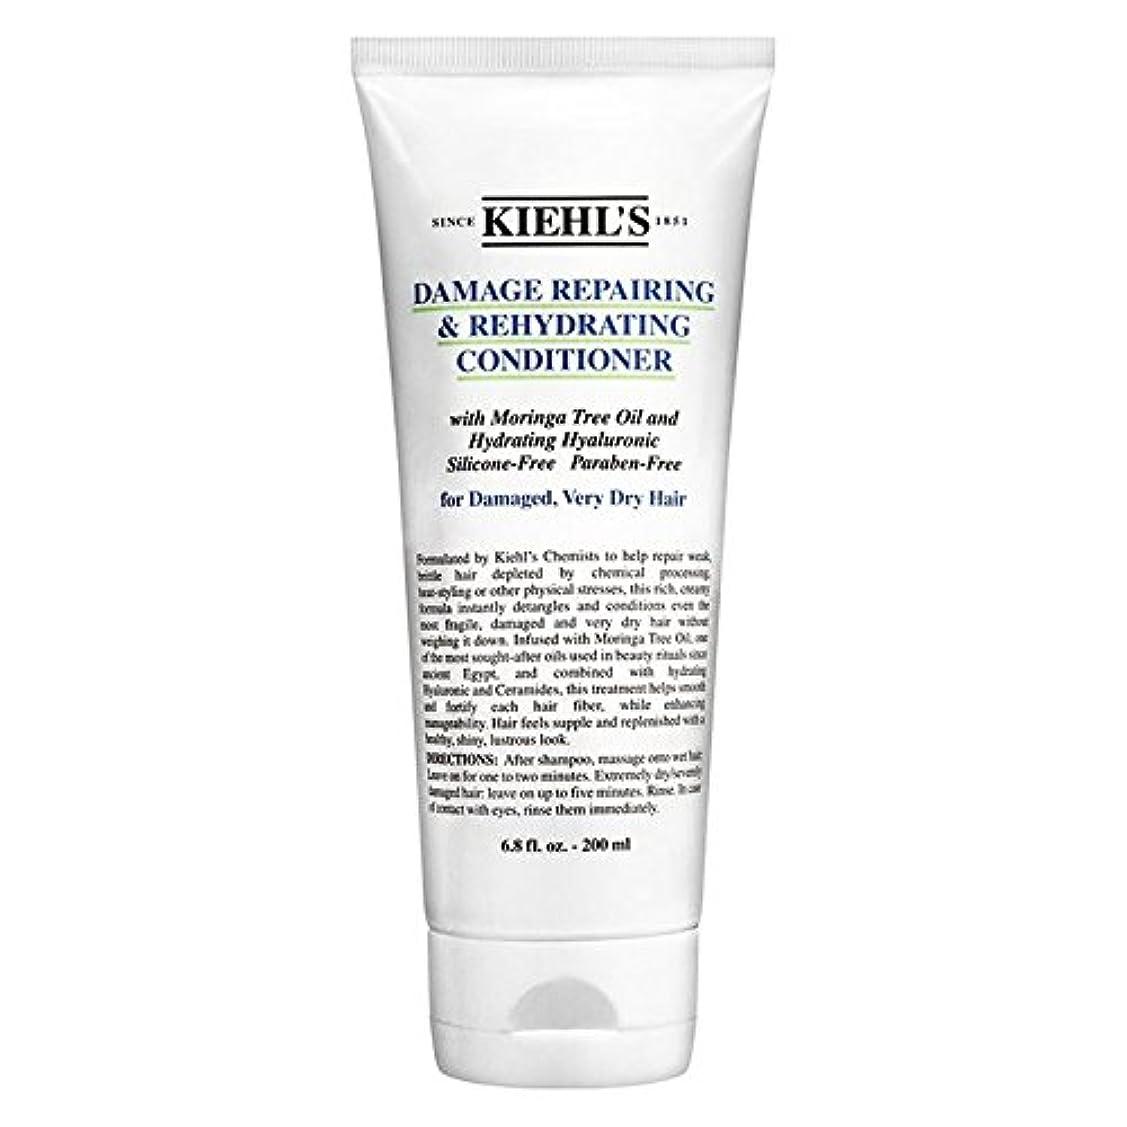 要件前奏曲アレルギー[Kiehl's ] キールズダメージ修復&コンディショナー200Mlを再水和 - Kiehl's Damage Repairing & Rehydrating Conditioner 200ml [並行輸入品]